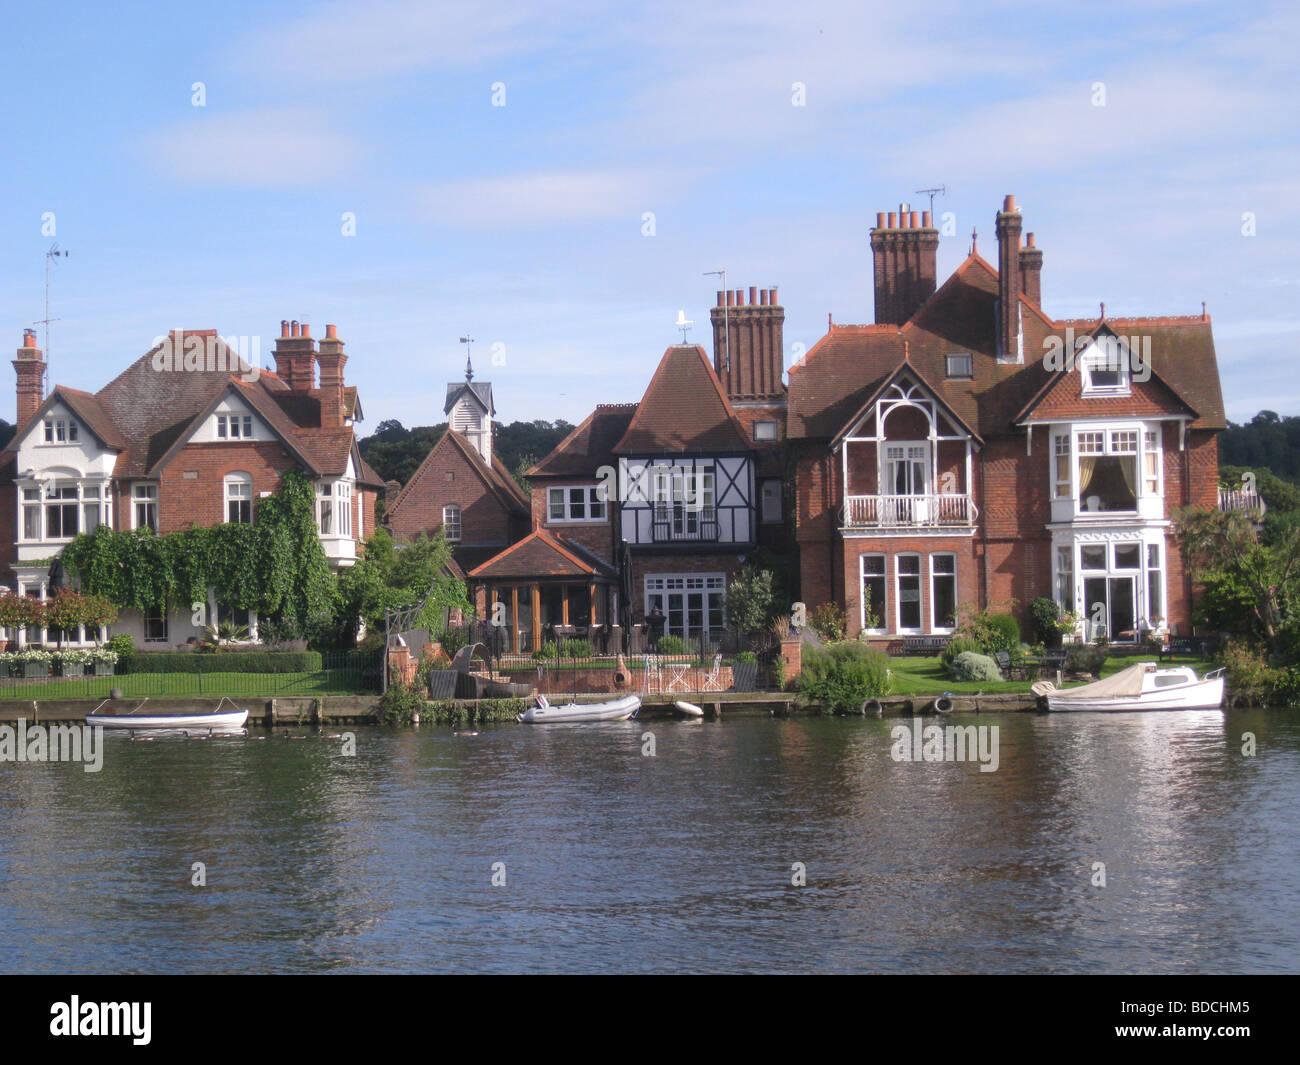 MARLOW, Buckinghamshire.  Dreißiger Jahren beherbergt als Frontmann der Themse Stockbild